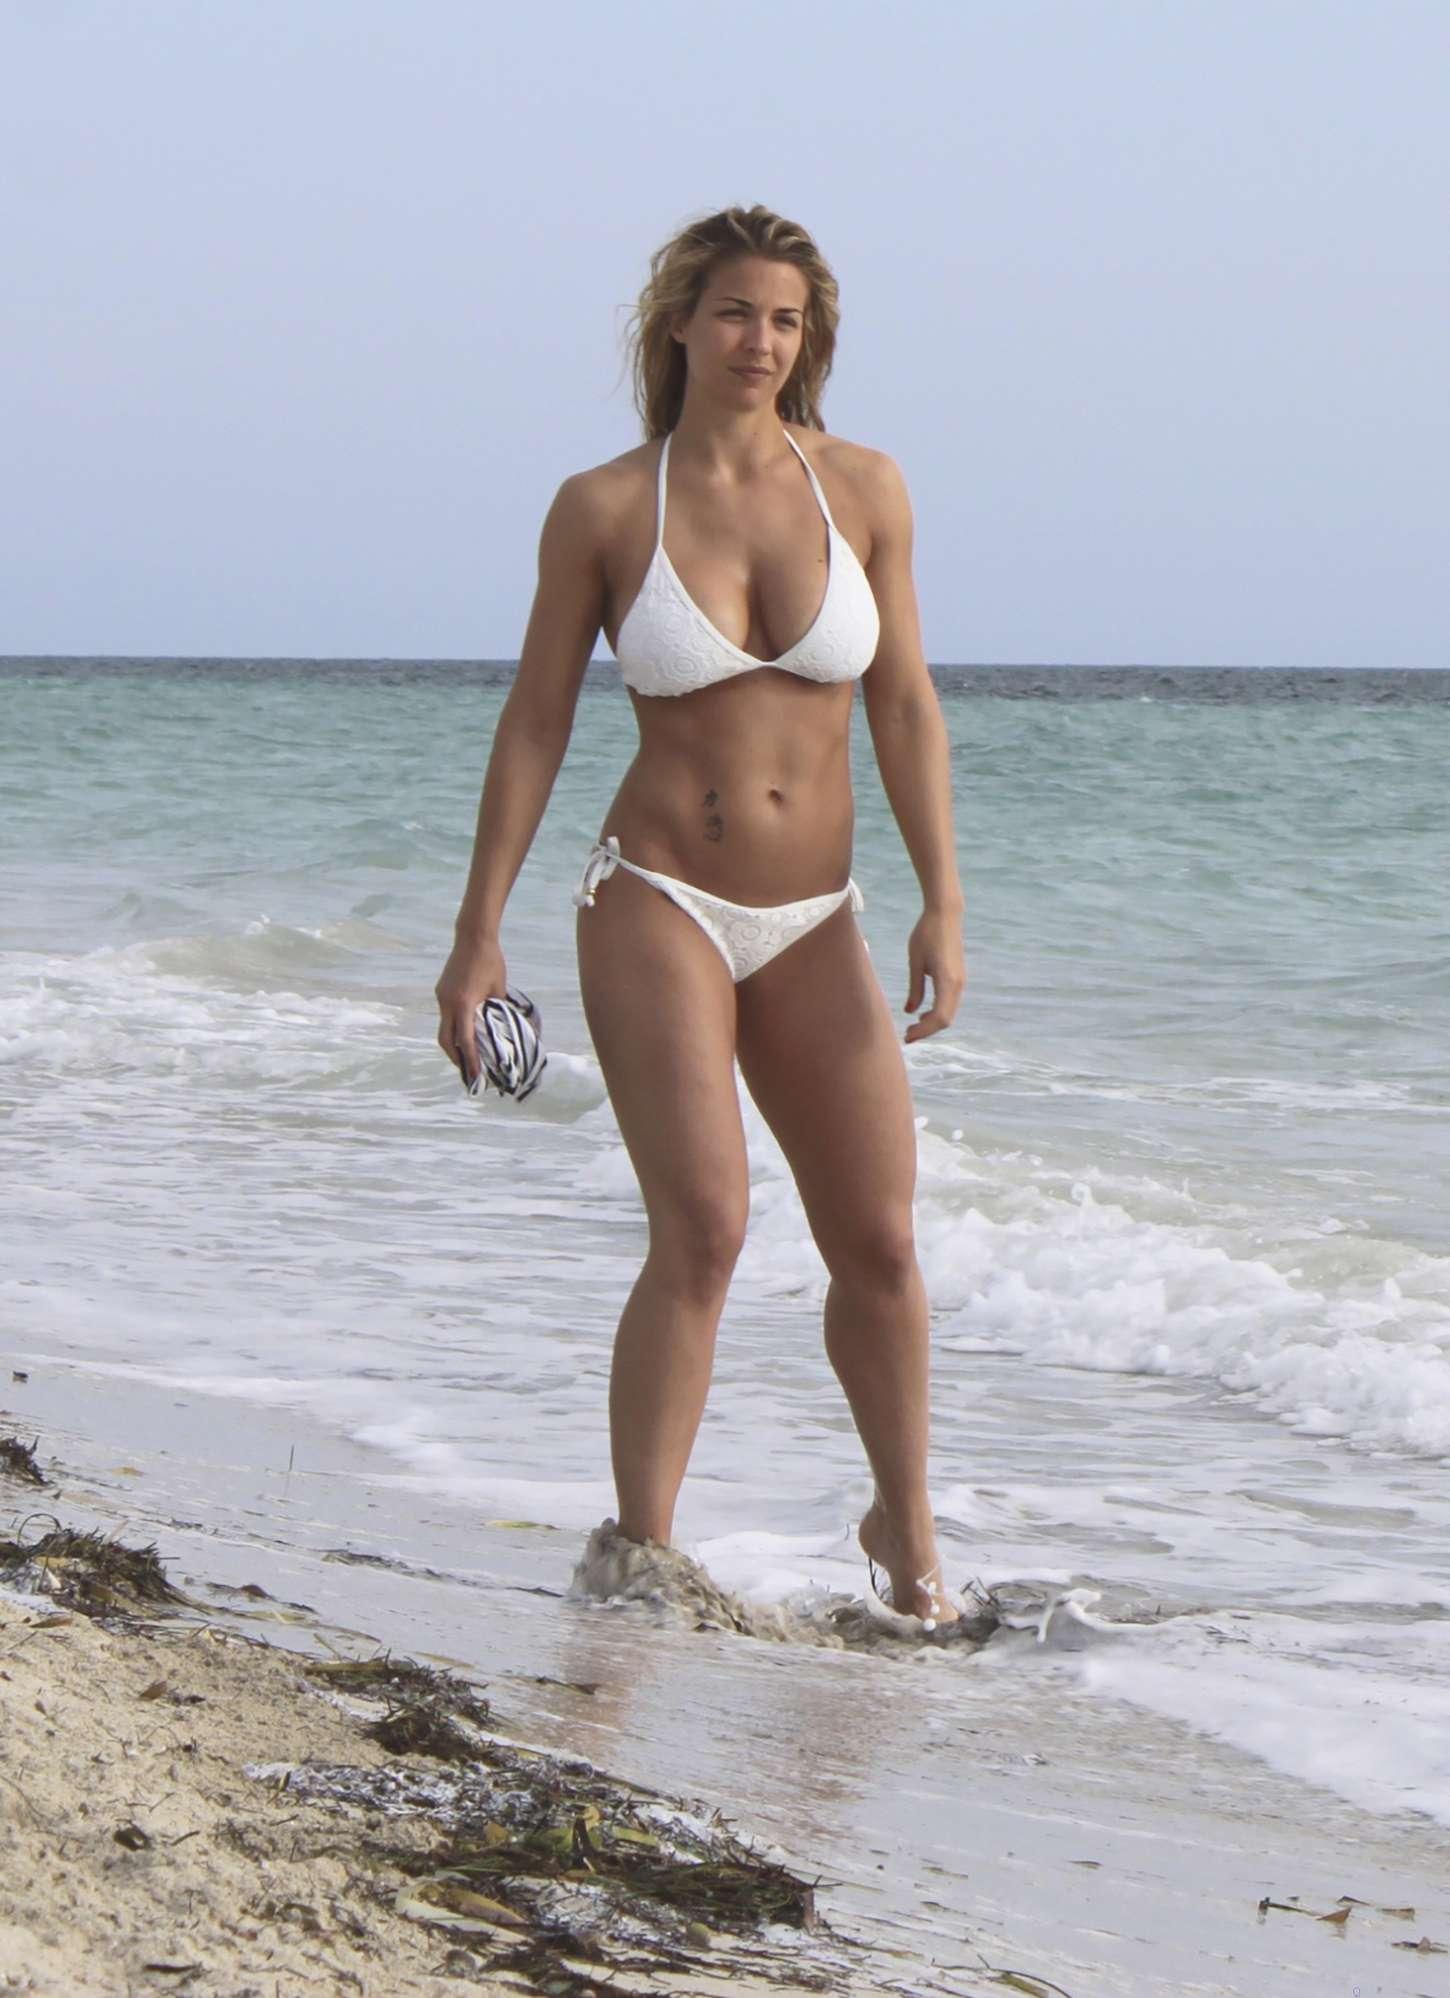 Gemma-Atkinson-in-White-Bikini--17.jpg